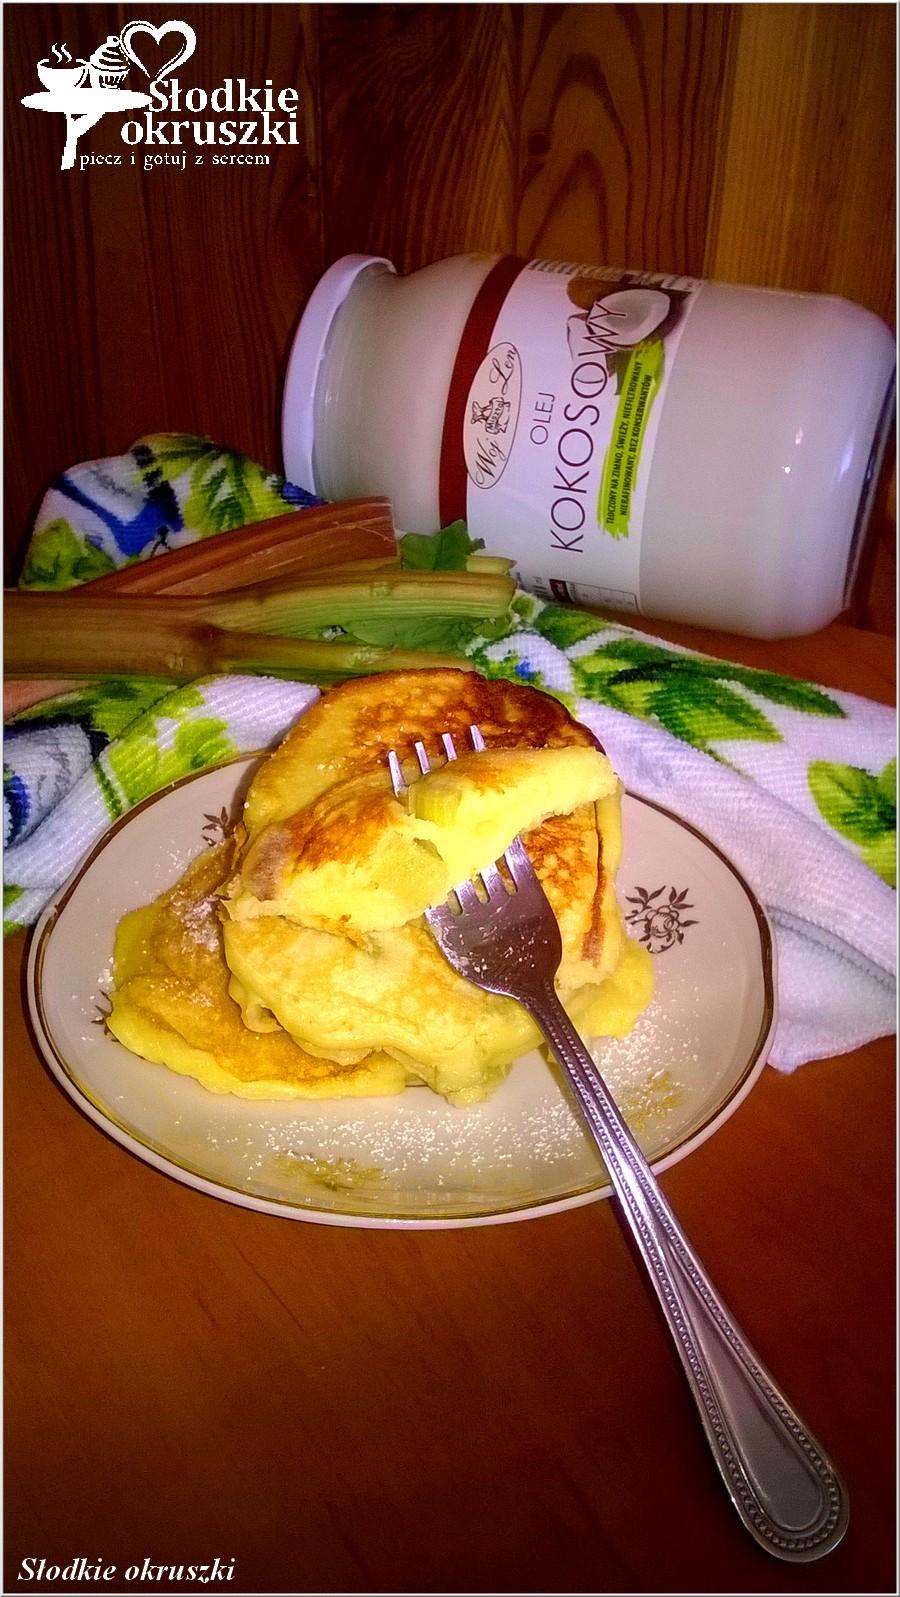 Puszyste rabarbarowe placuszki waniliowe (na oleju kokosowym) (2)